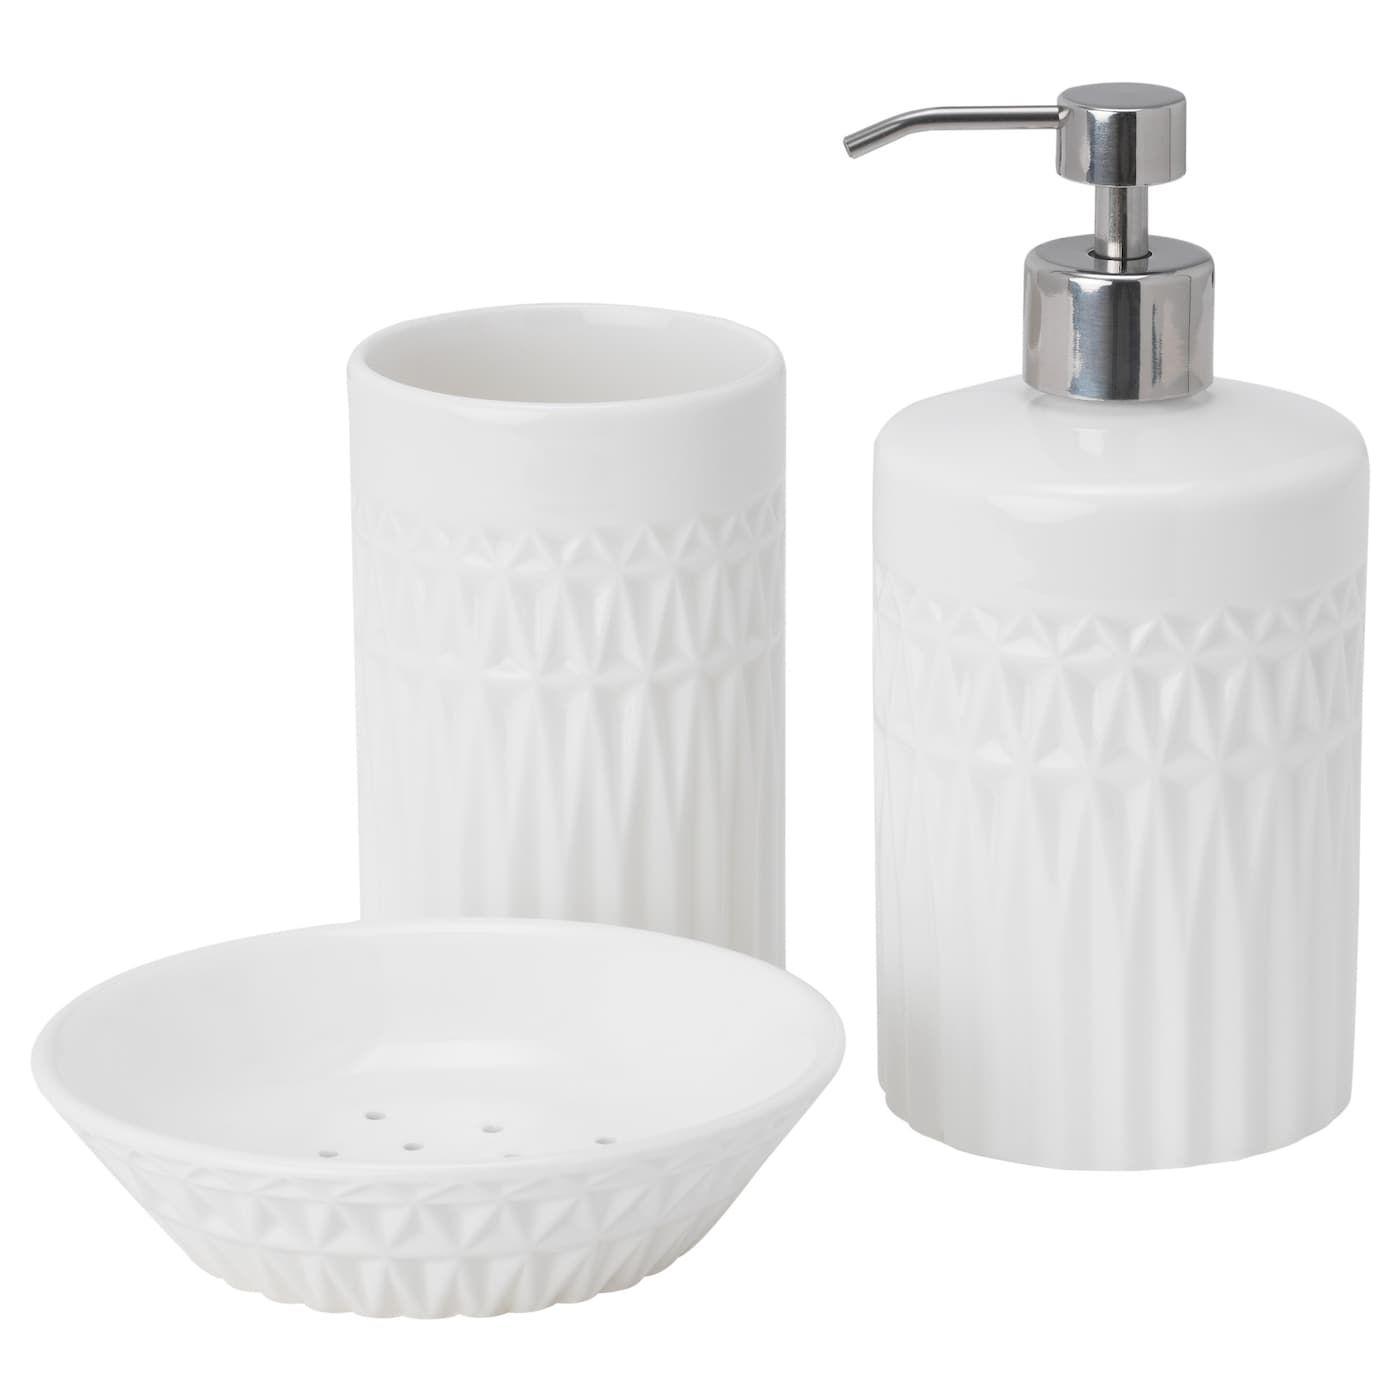 Gaviken Badezimmer Set 3 Tlg Weiss Ikea Osterreich Badezimmer Set Ikea Badzubehor Und Badezimmer Zubehor Set